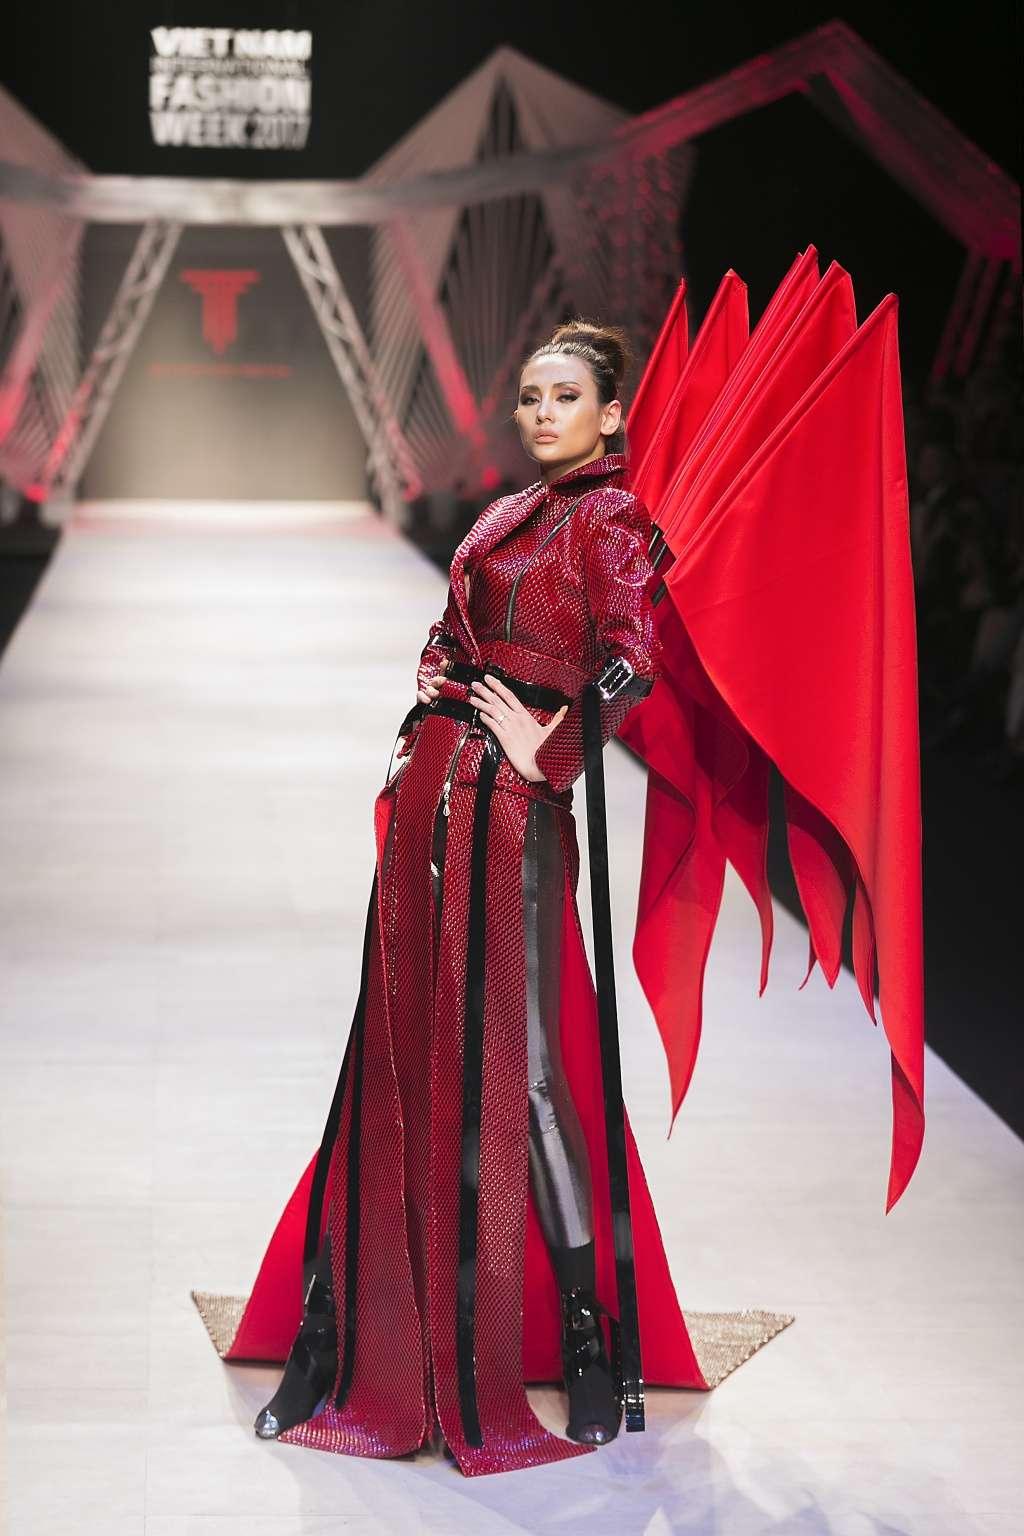 Các tác phẩm của team Tina Le Make Up tại show diễn Vietnam International Fashion Week 2017